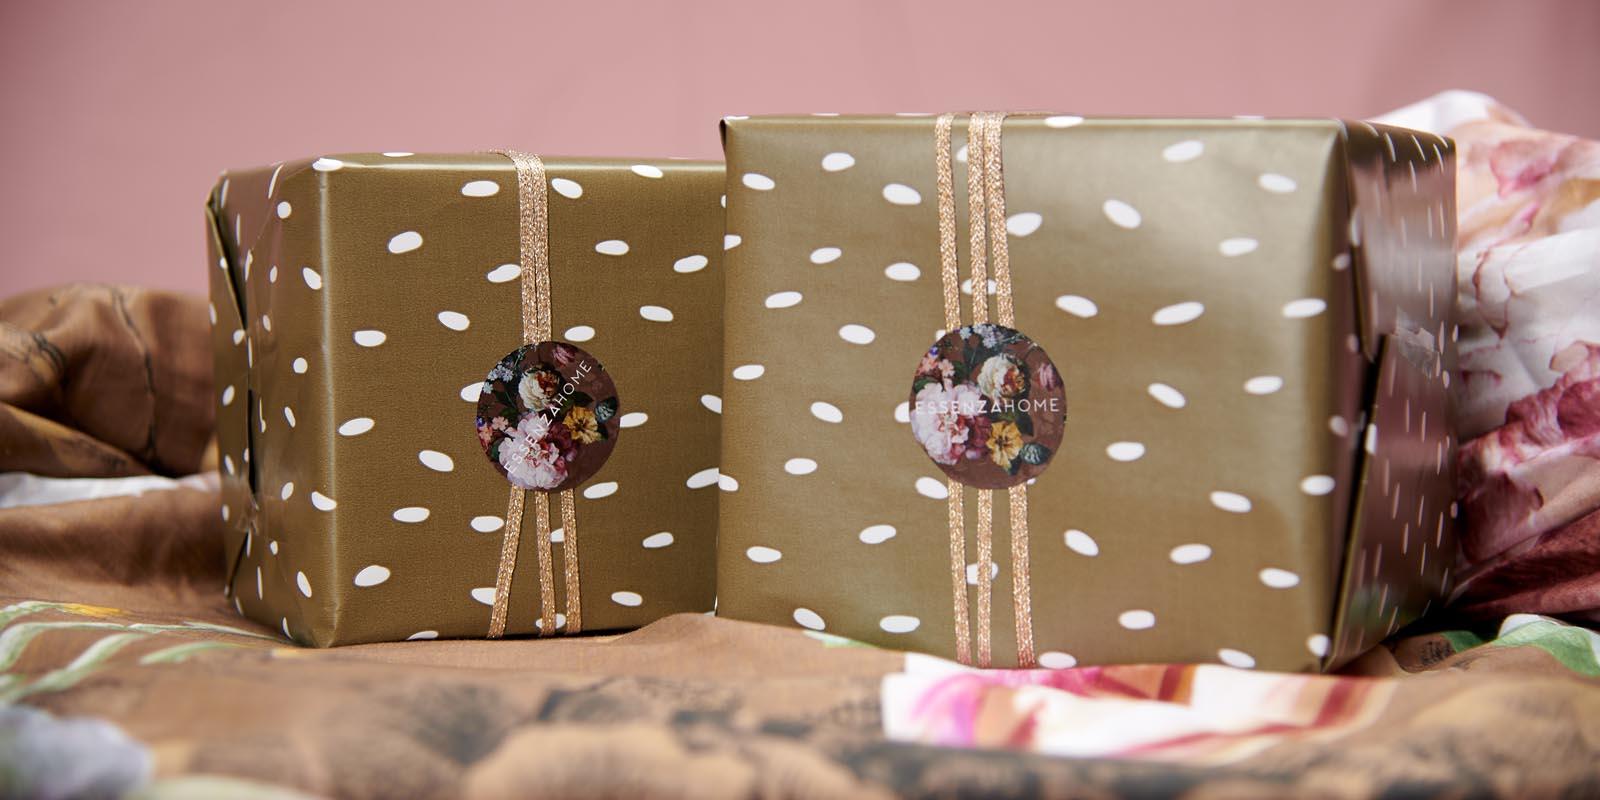 Weihnachtspakete nach Wunsch zusammenstellen